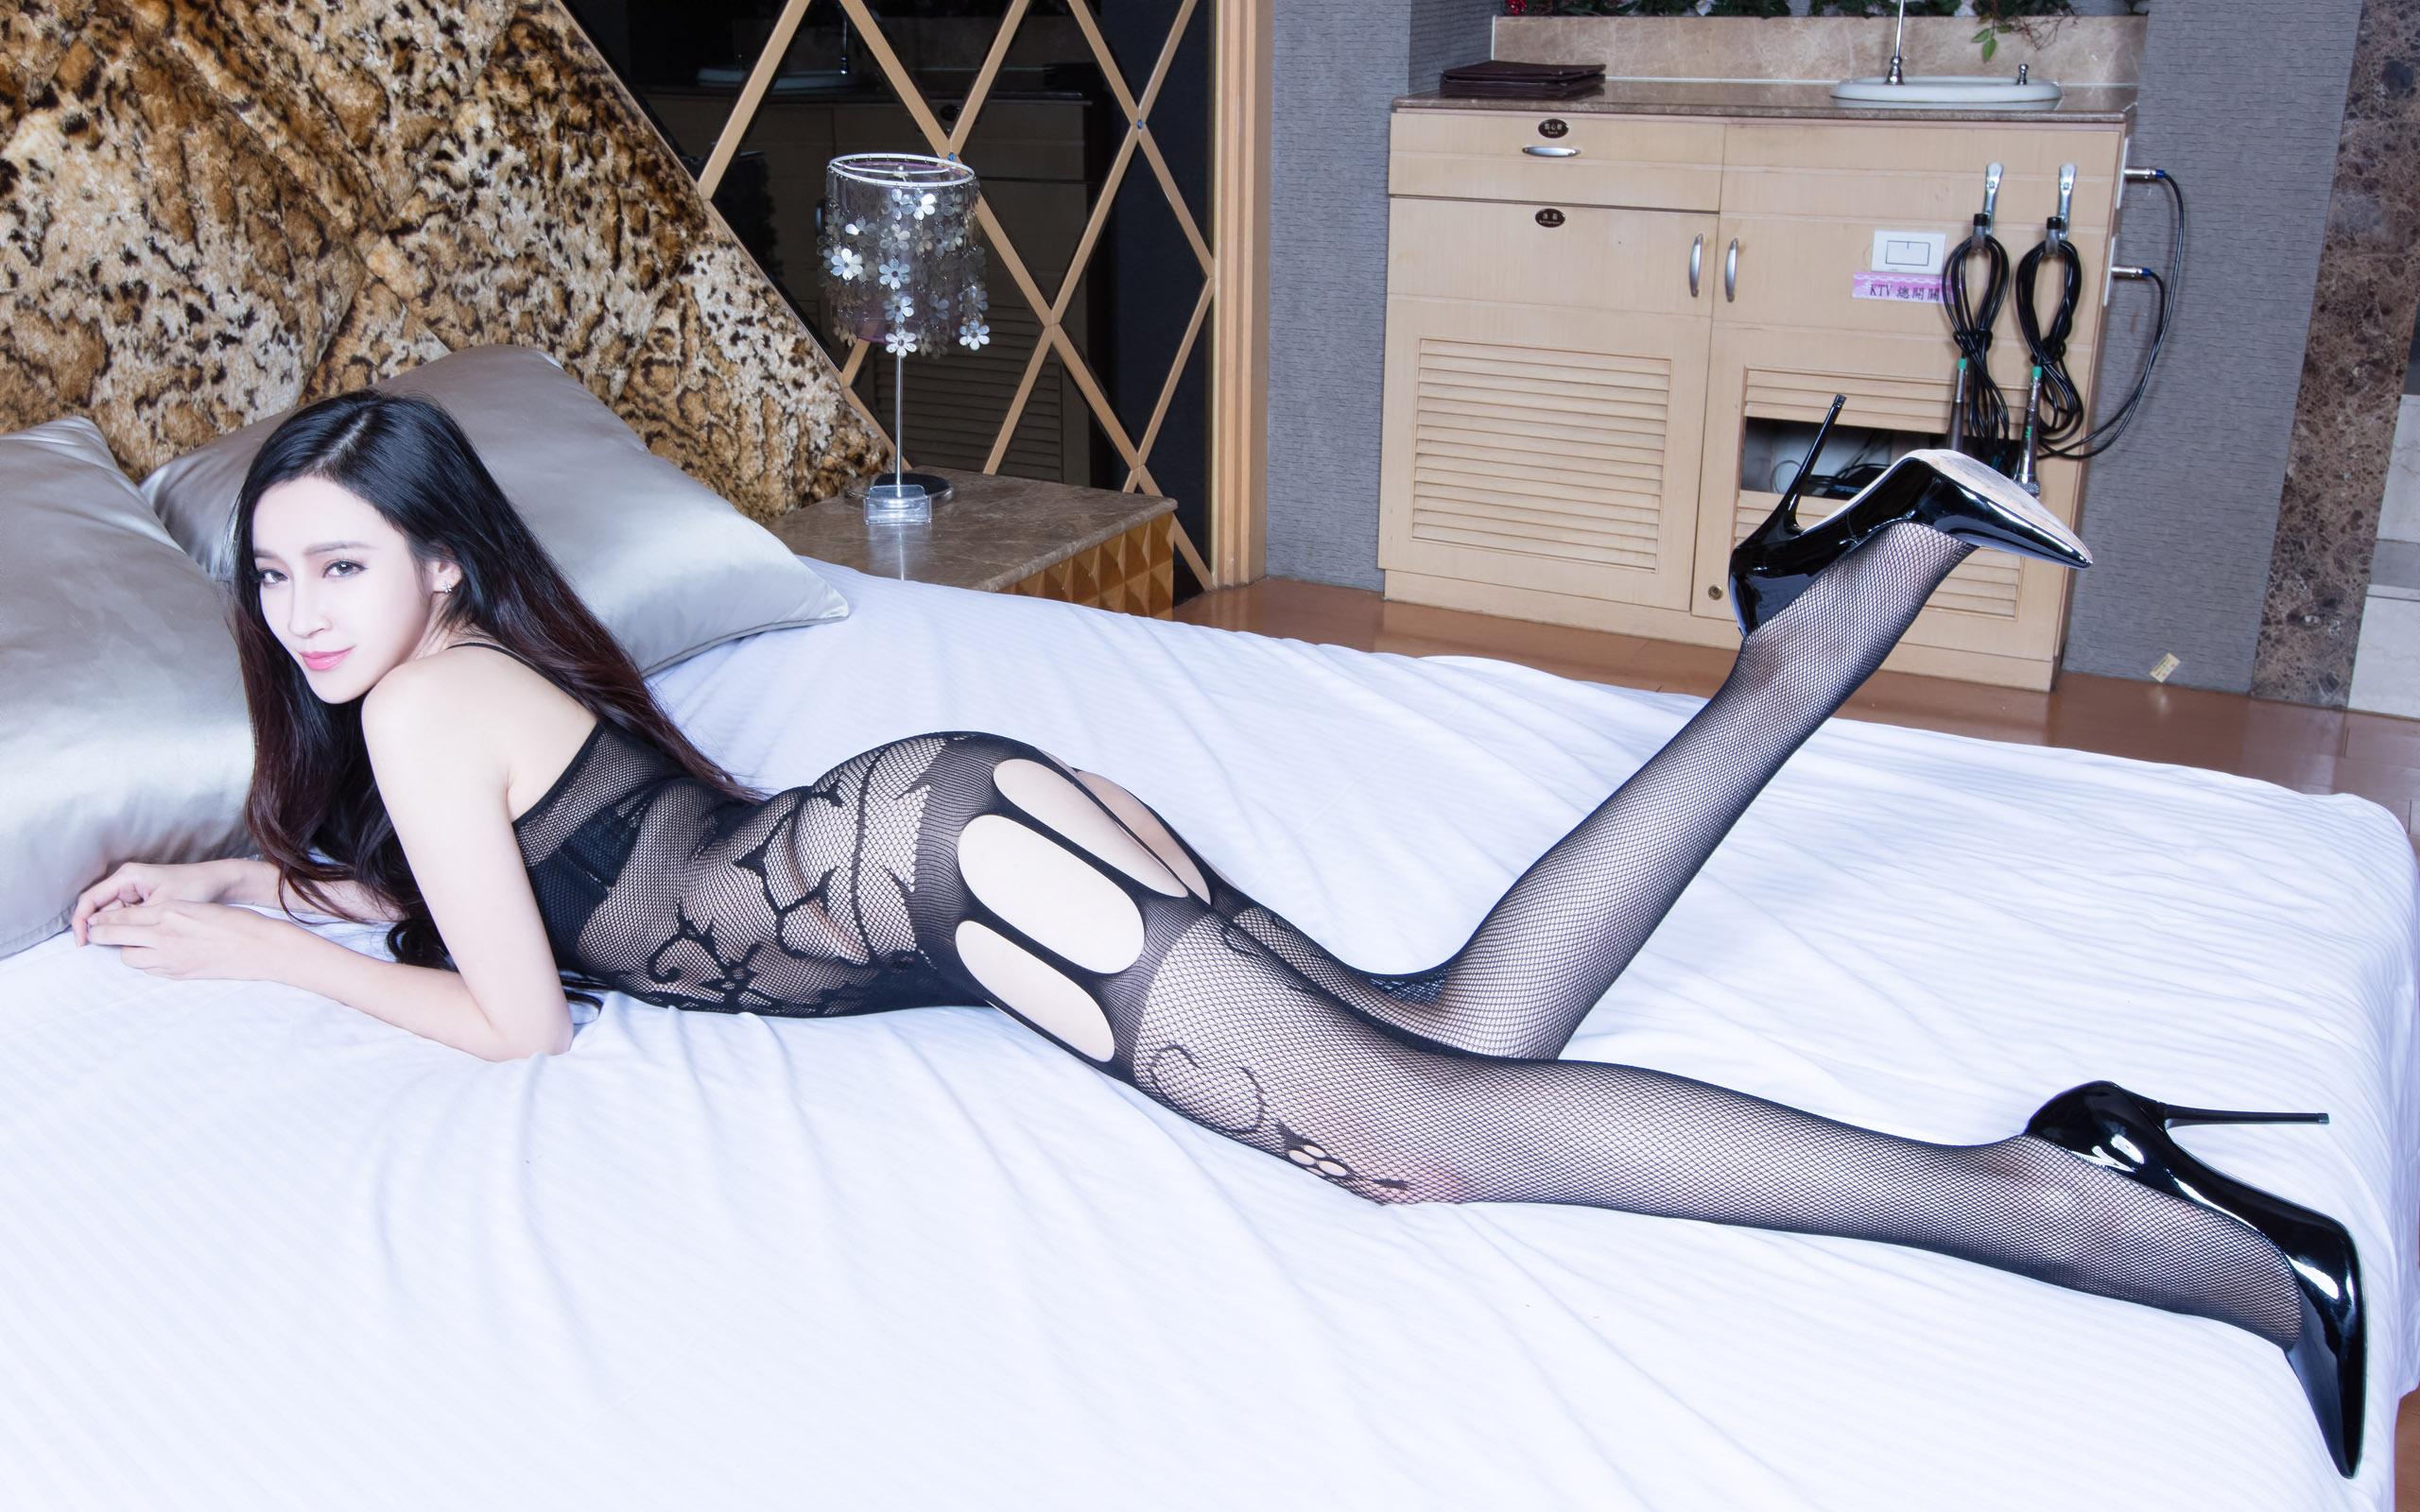 黑丝腿模-Avril [60P] - 热鸟论坛